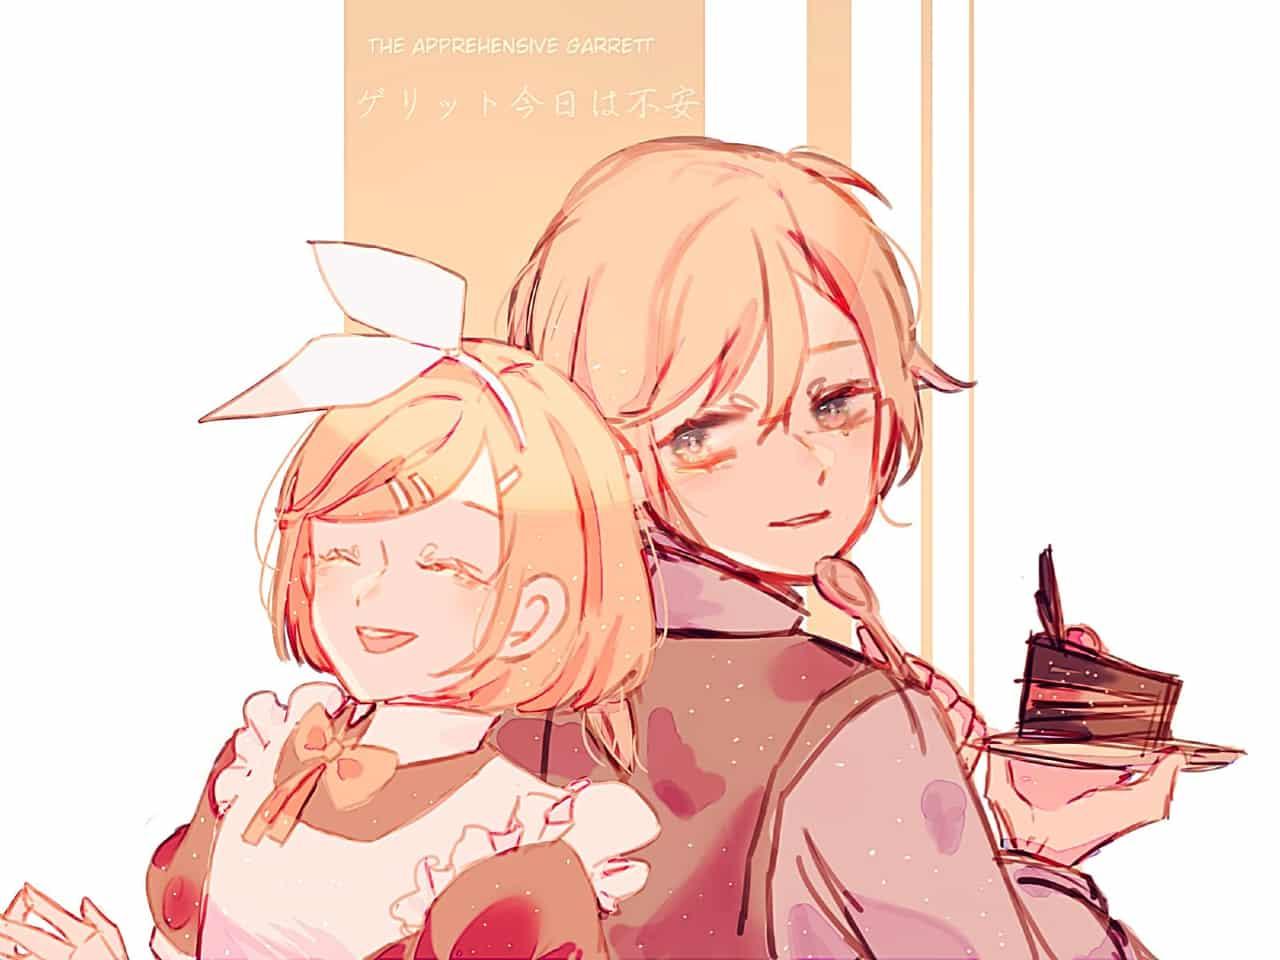 リン・レン Illust of dirottle VOCALOID KagamineRin/Len maid cake Rin medibangpaint Kagamine_Rin 鏡音リン・レン len KagamineLen